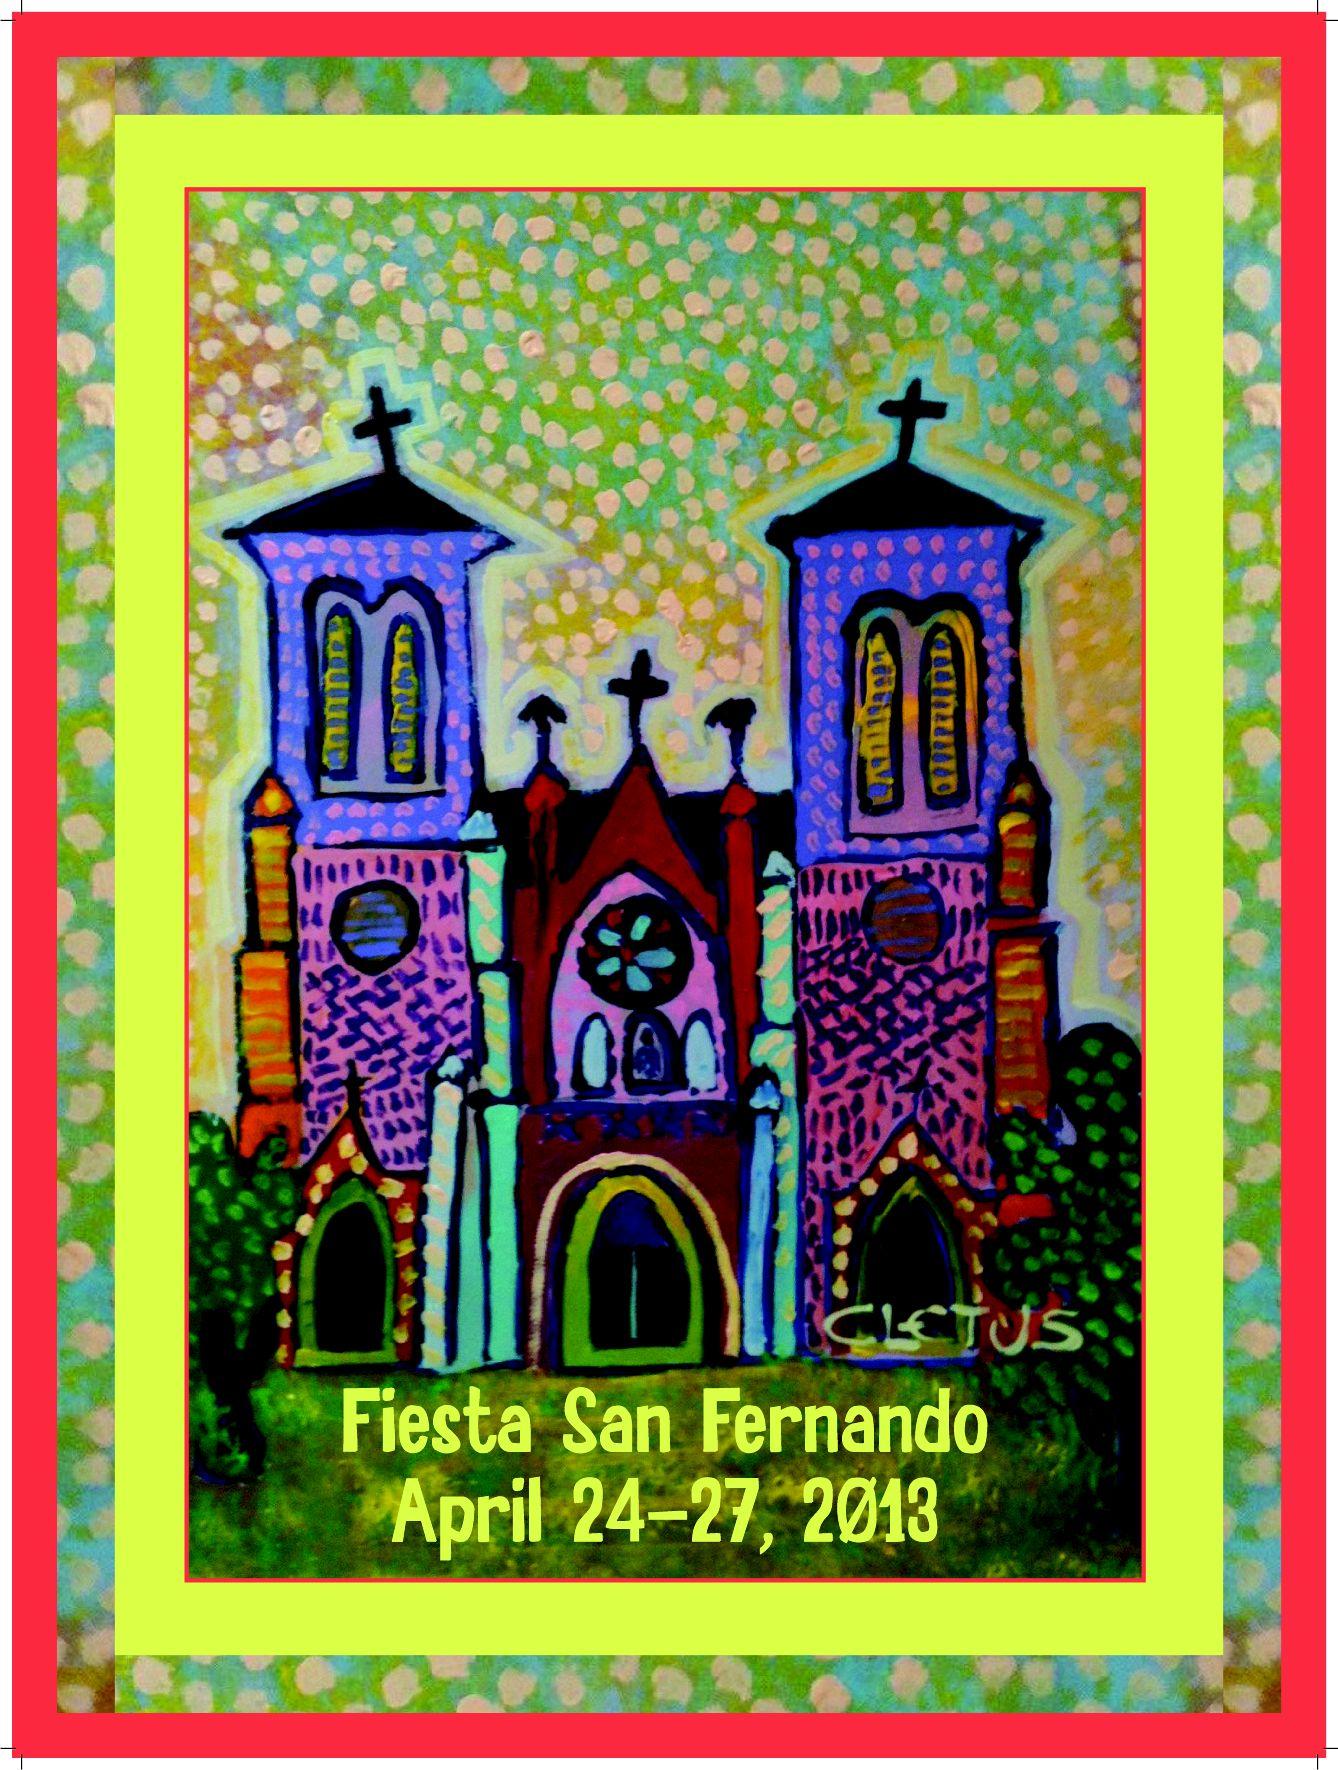 2013 FiestaSF Poster-Hi res-3.jpg